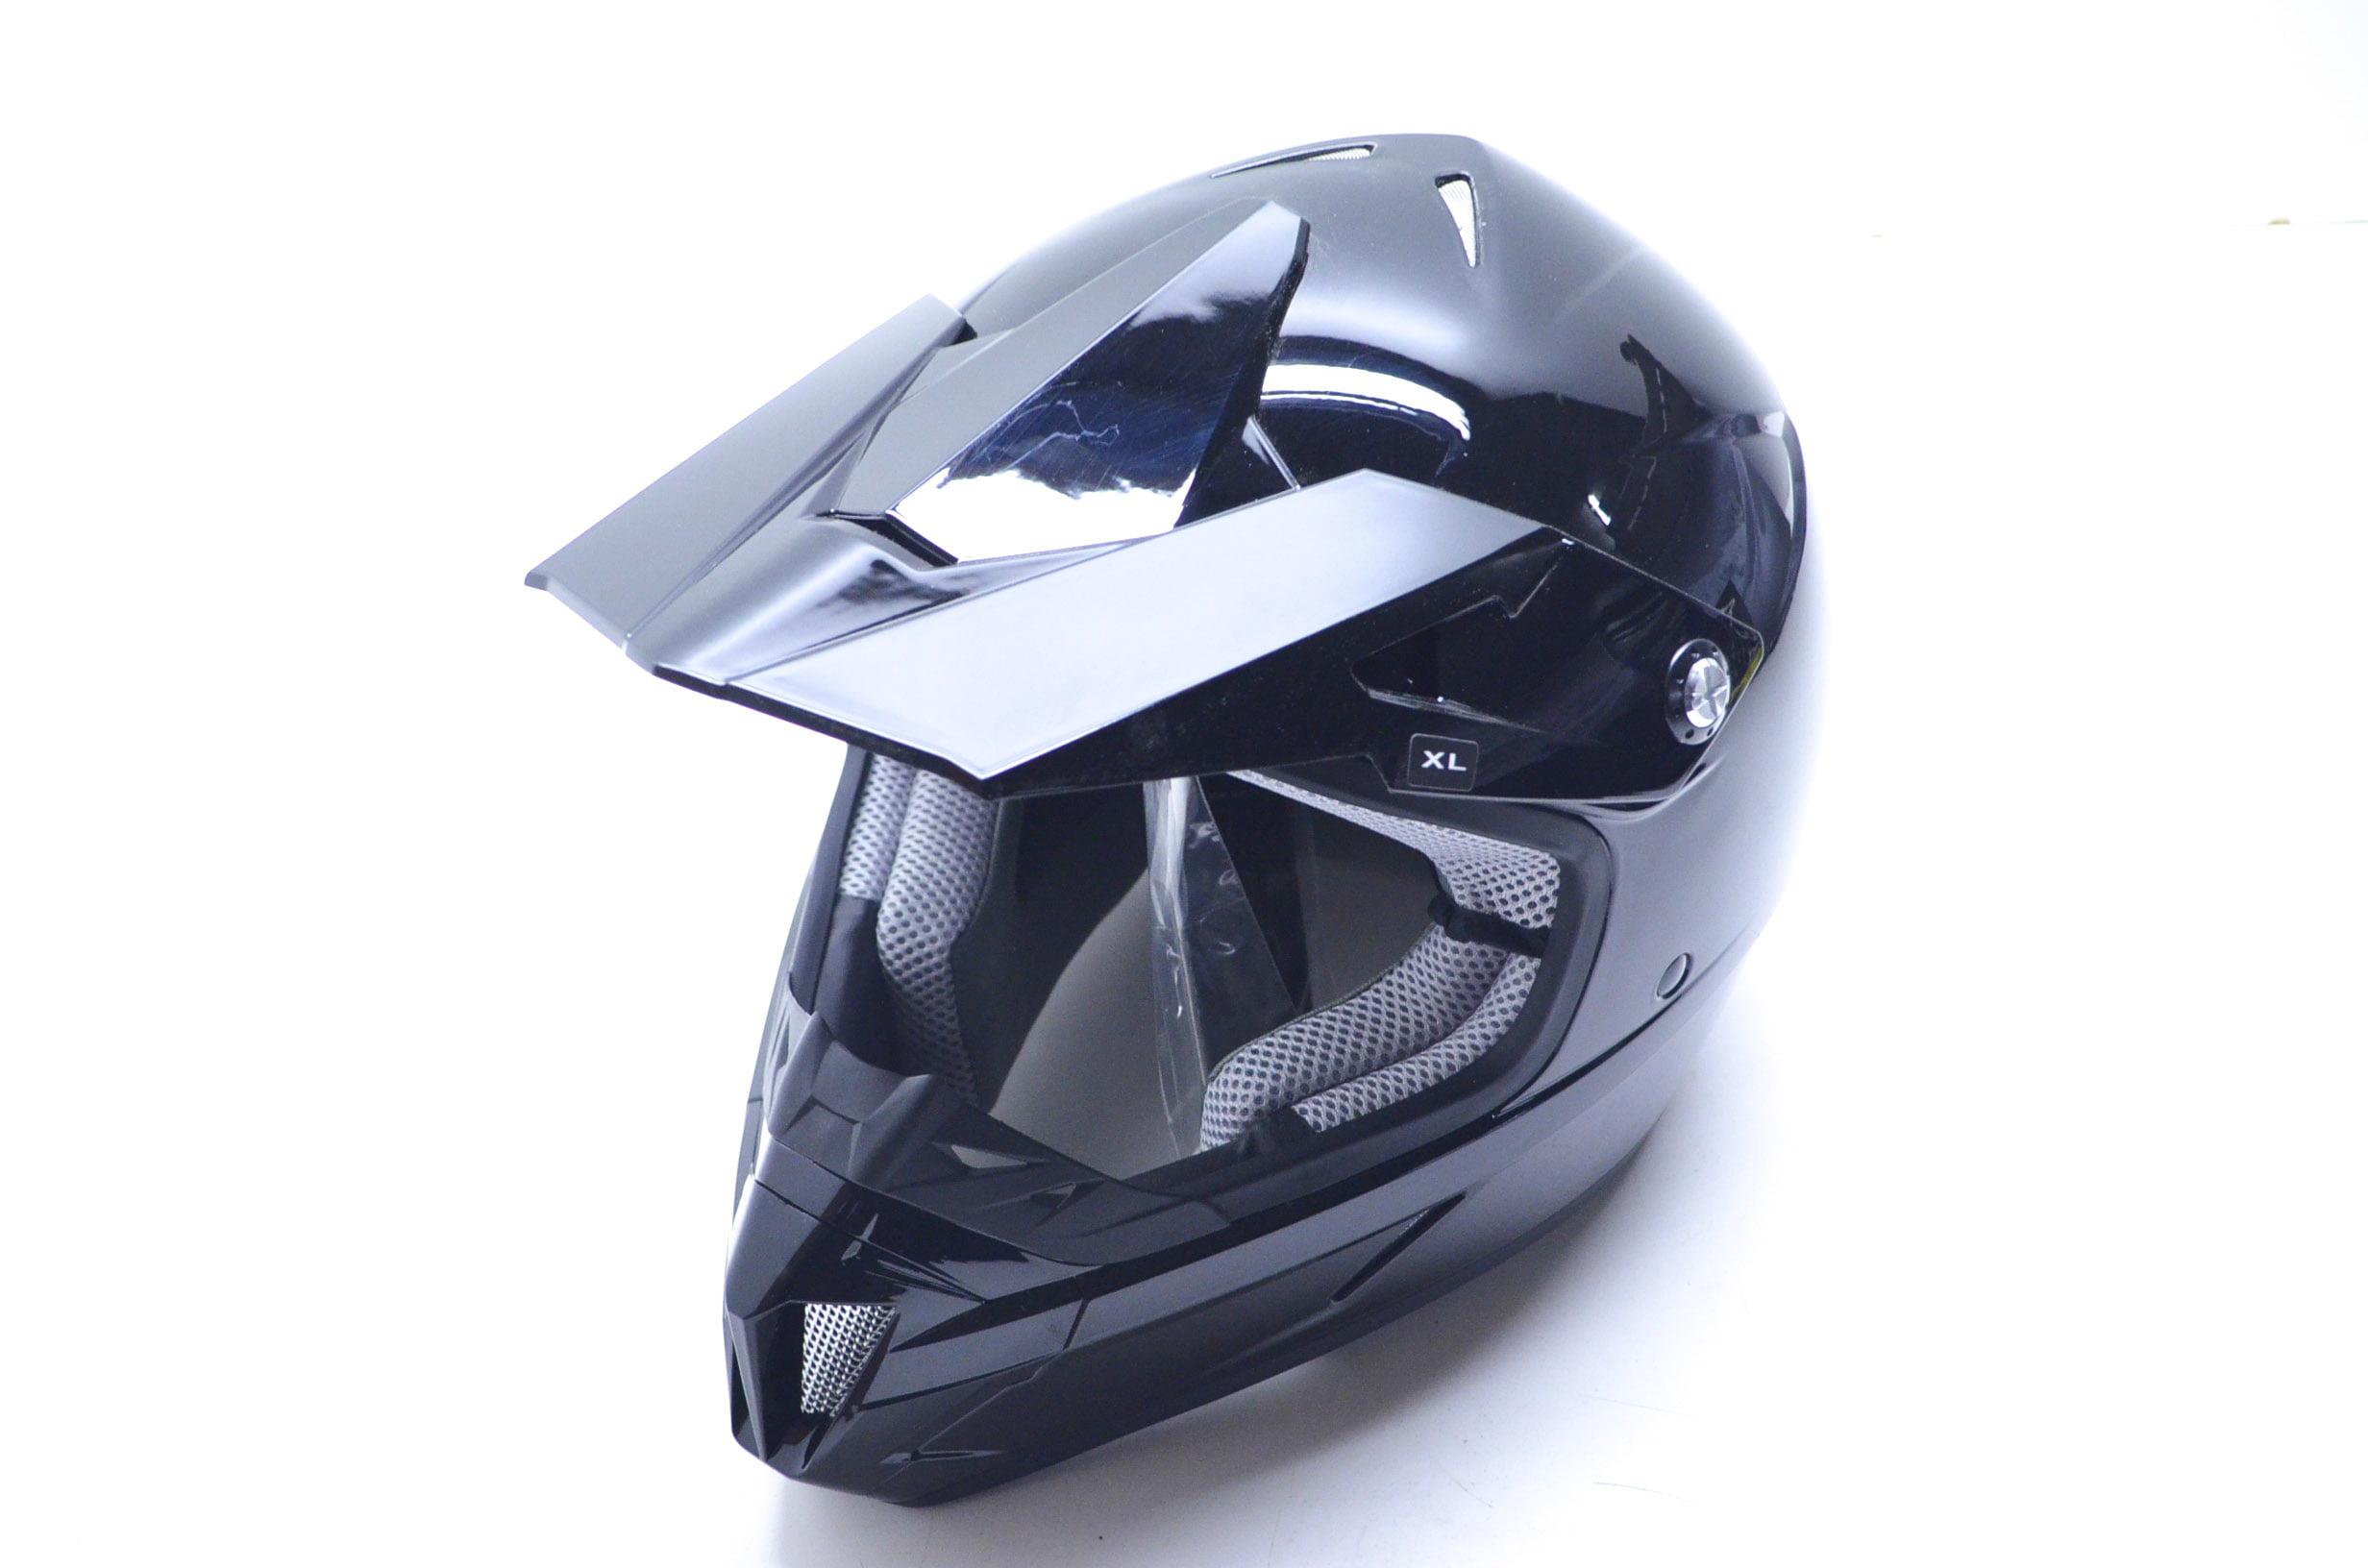 Can-Am, Sea-Doo, Ski-Doo 4482501290 Ski-Doo Black XL XC-4 Cross Helmet QTY 1 by Can-Am, Sea-Doo, Ski-Doo